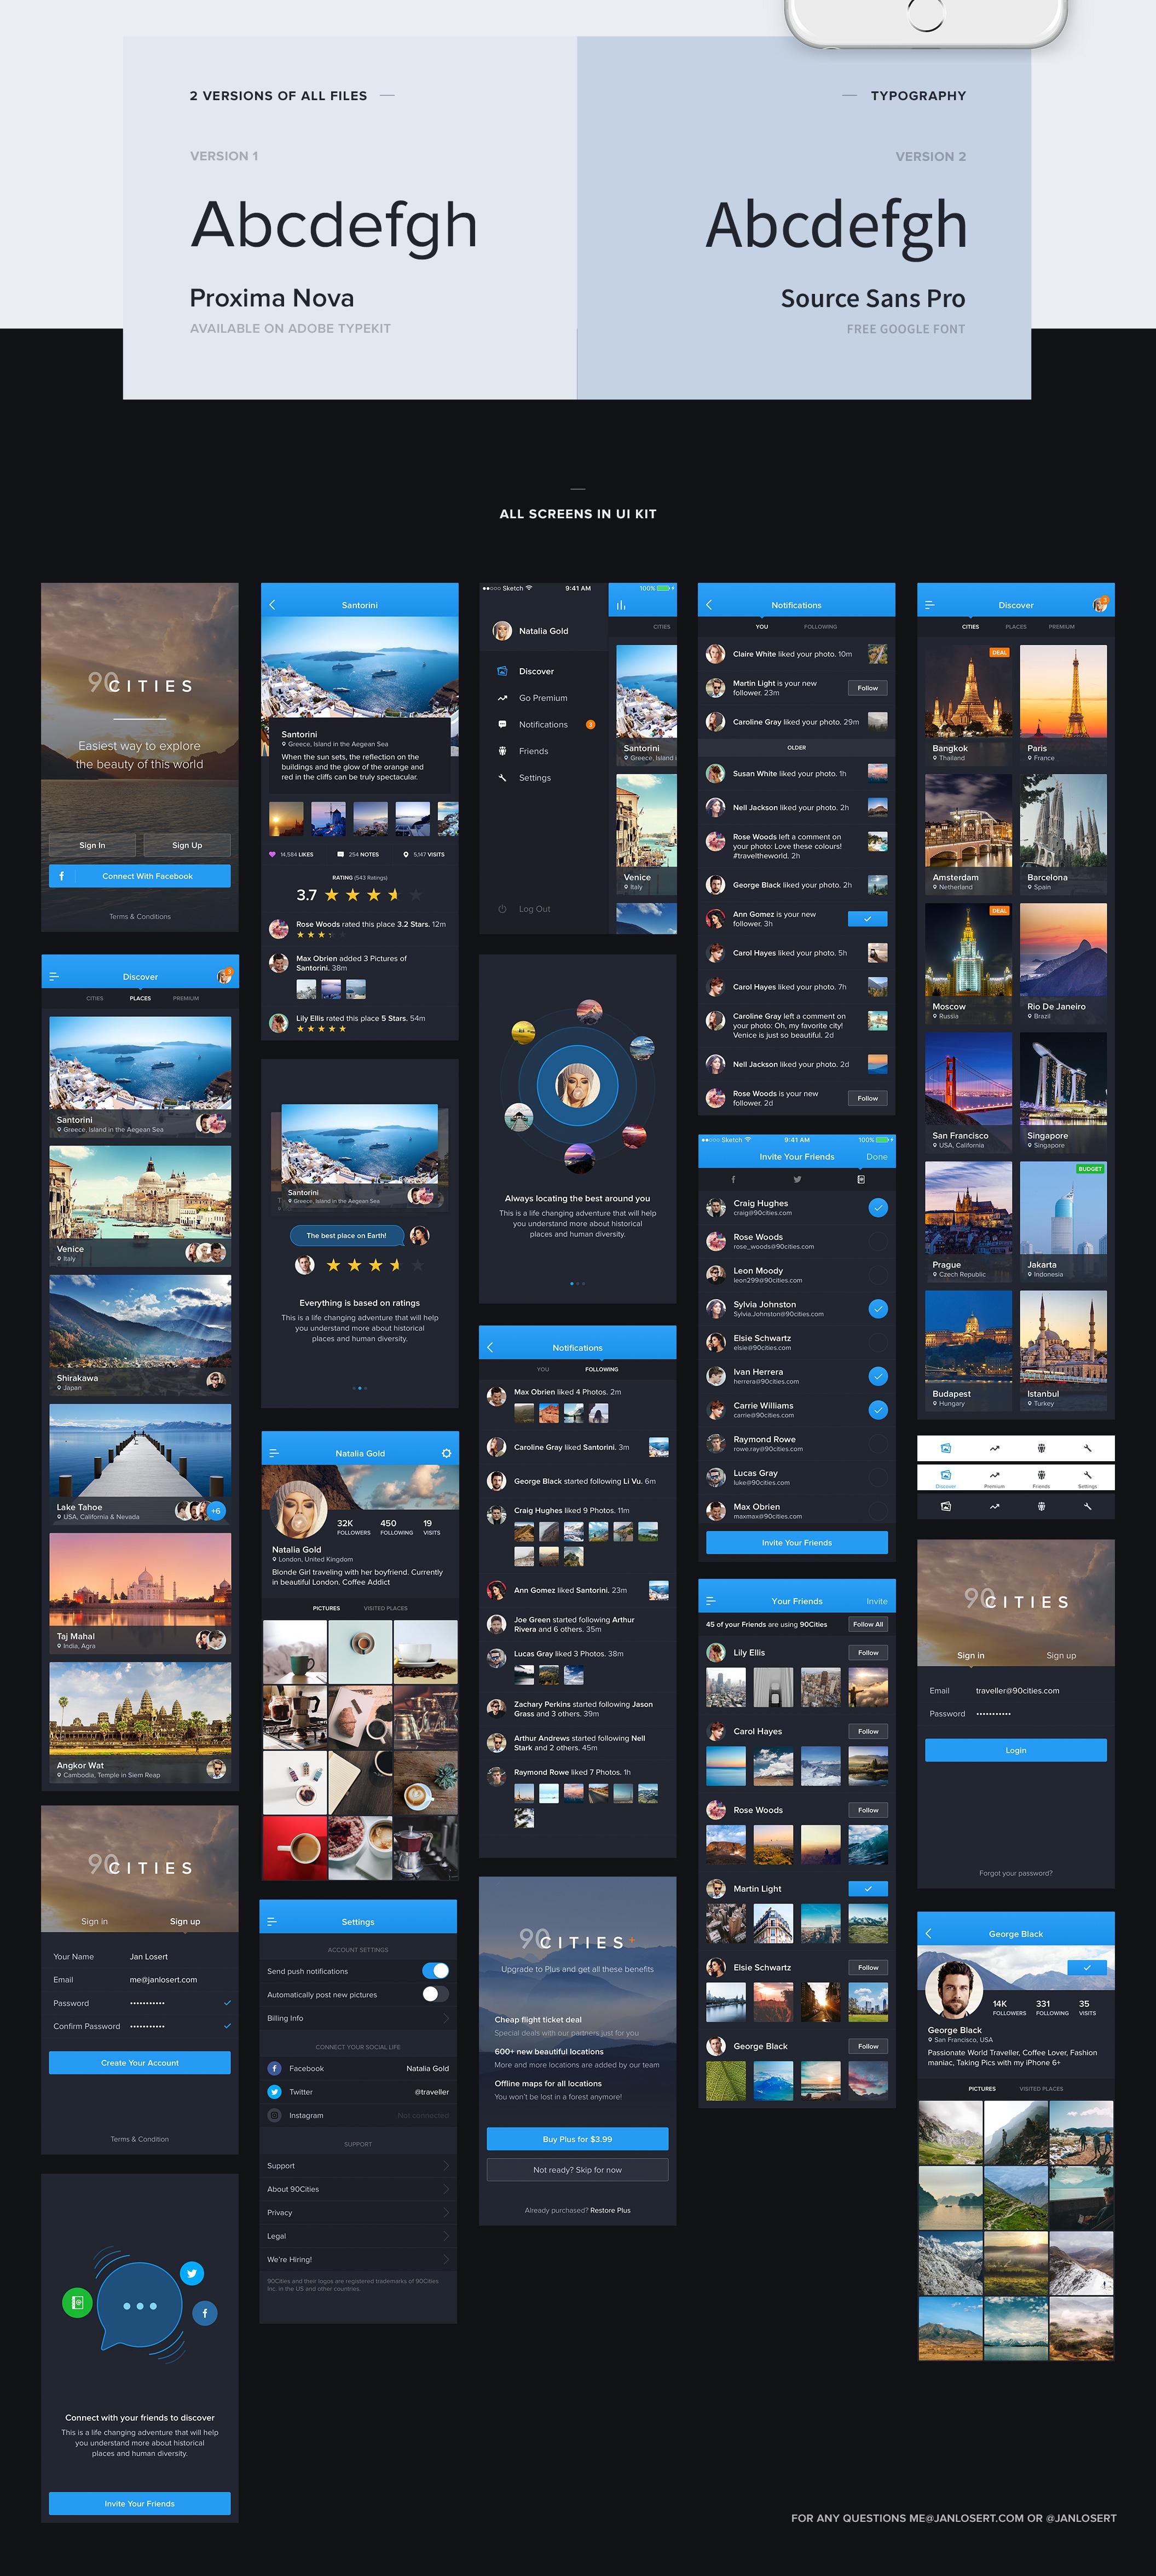 超级完整好看旅游类90Cities iOS APP UI界面设计 psd与sketch两种格式(会员专享) 主题包-第4张